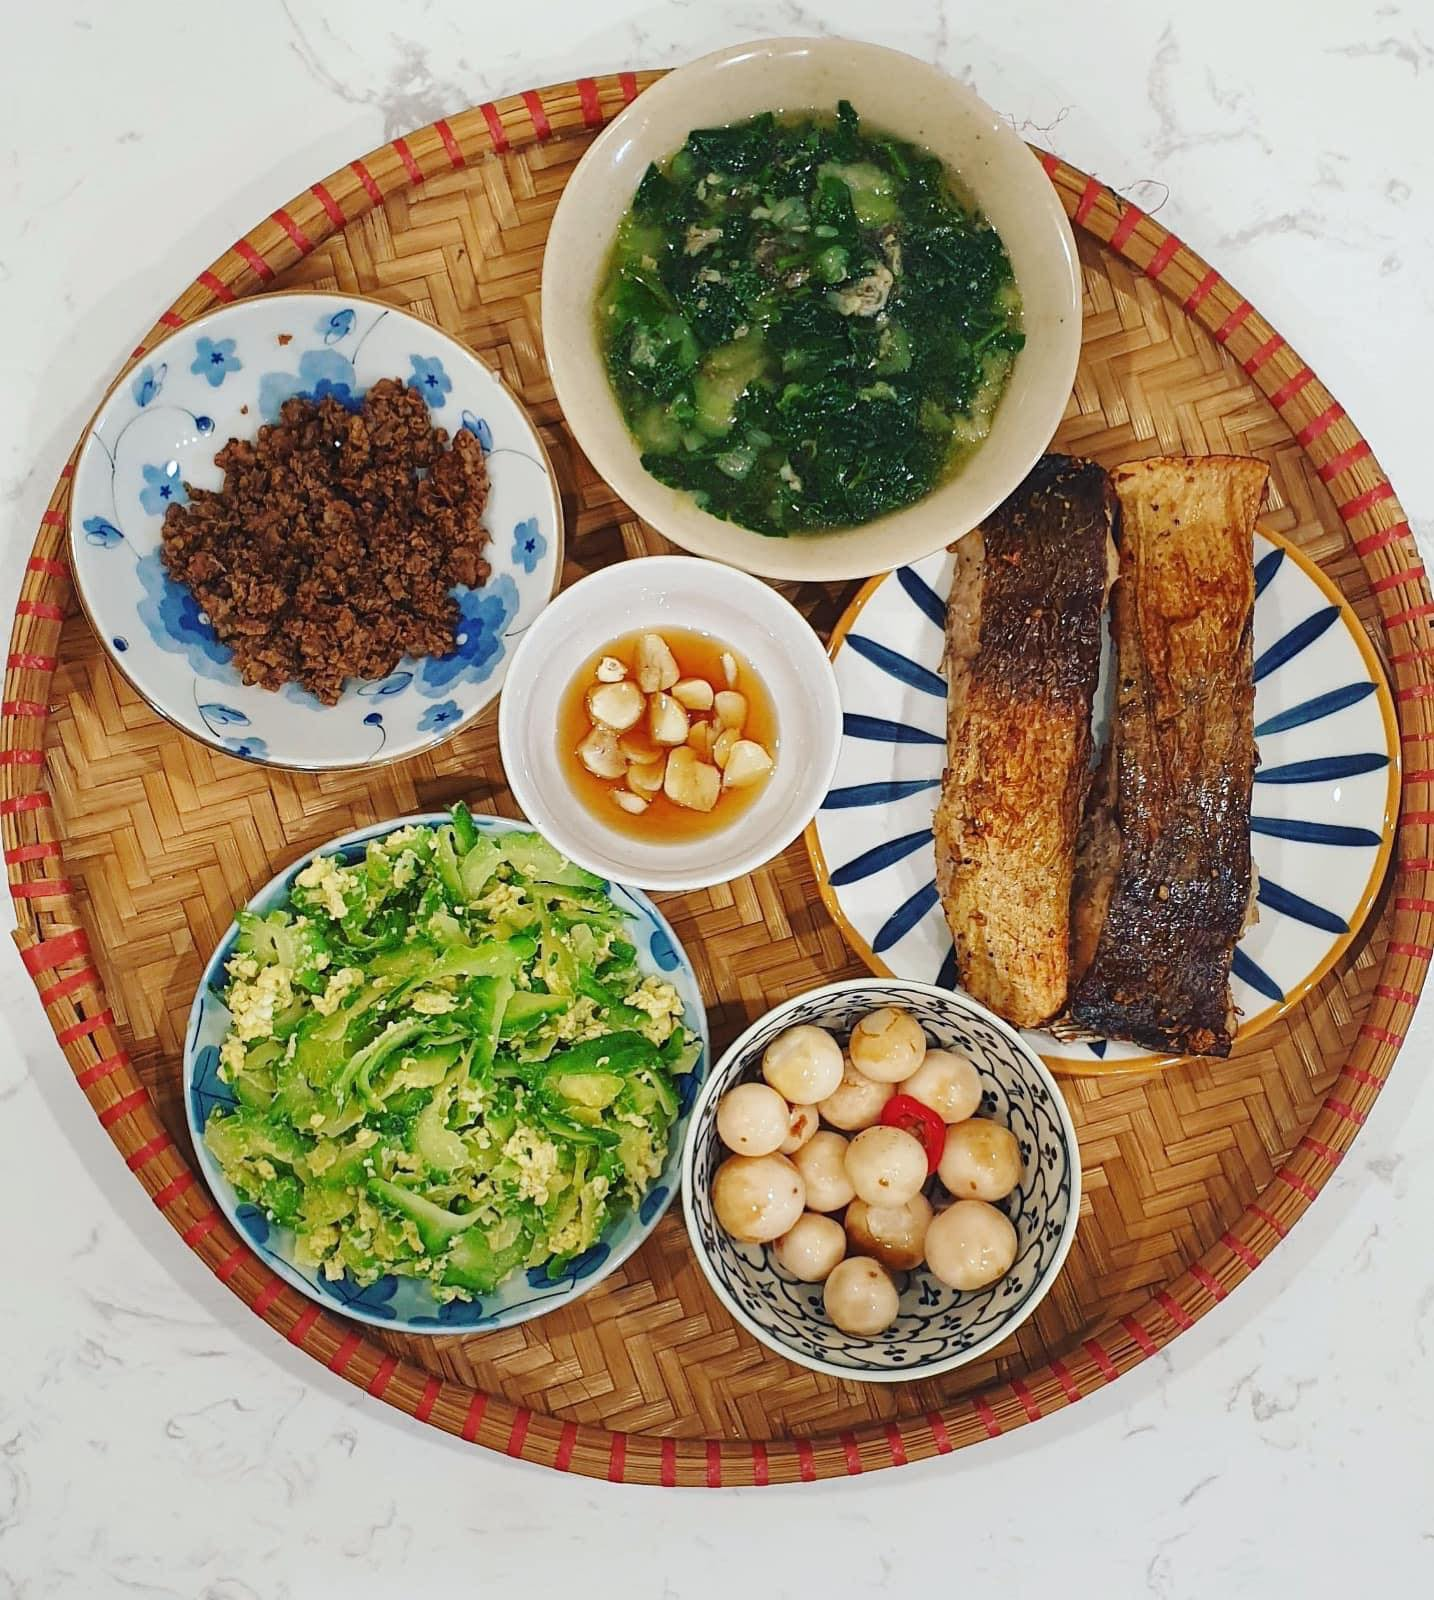 Chi phí chỉ từ 100k nhưng mỗi bữa cơm của bà nội trợ Hà Nội đều tươm tất đủ món thơm ngon, bổ dưỡng cho mọi thành viên gia đình - Ảnh 9.